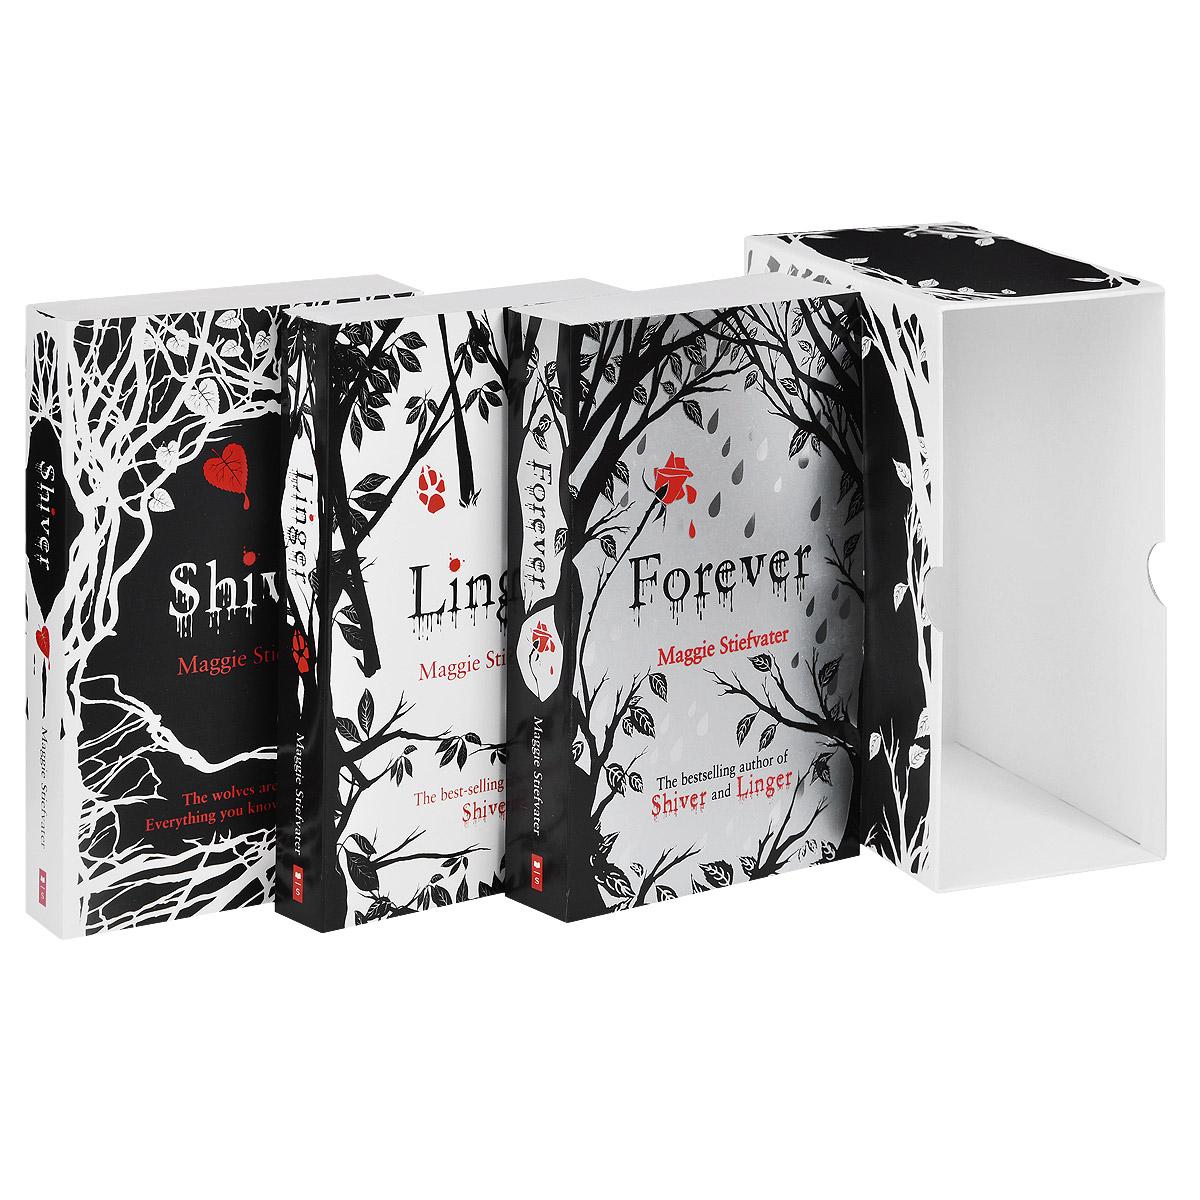 Shiver. Linger. Forever (комплект из 3 книг)